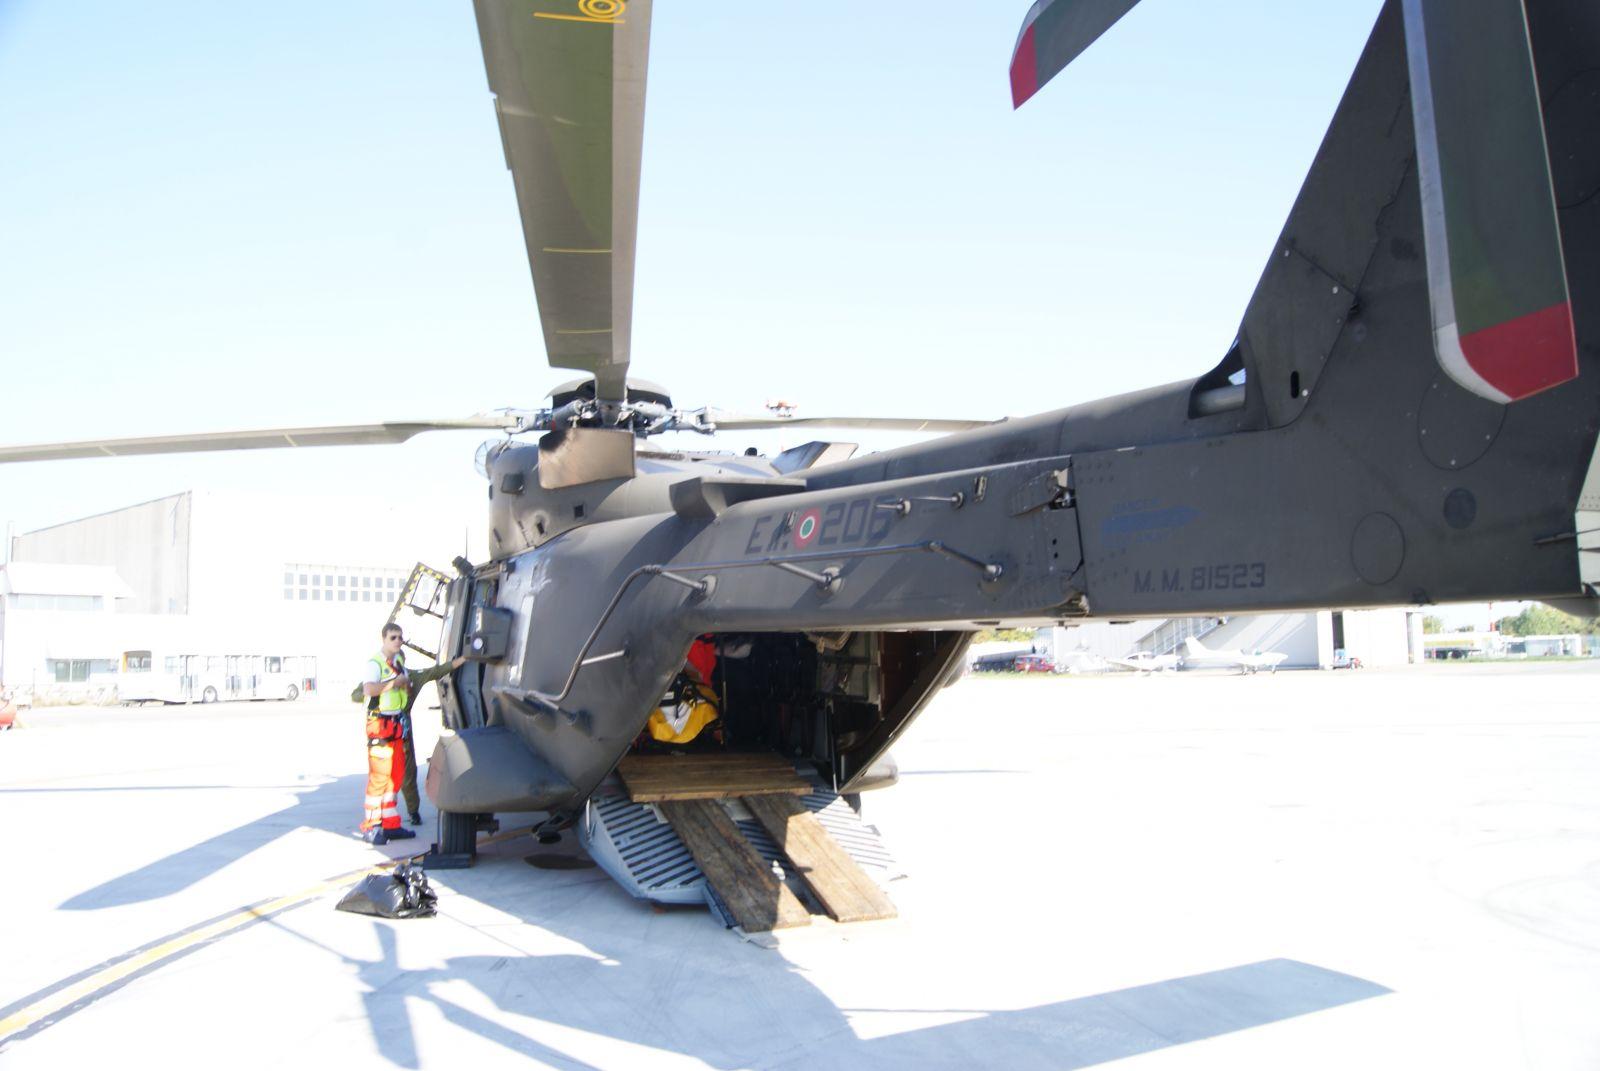 Elicottero Verde : E troppo obeso intervento congiunto di croce verde